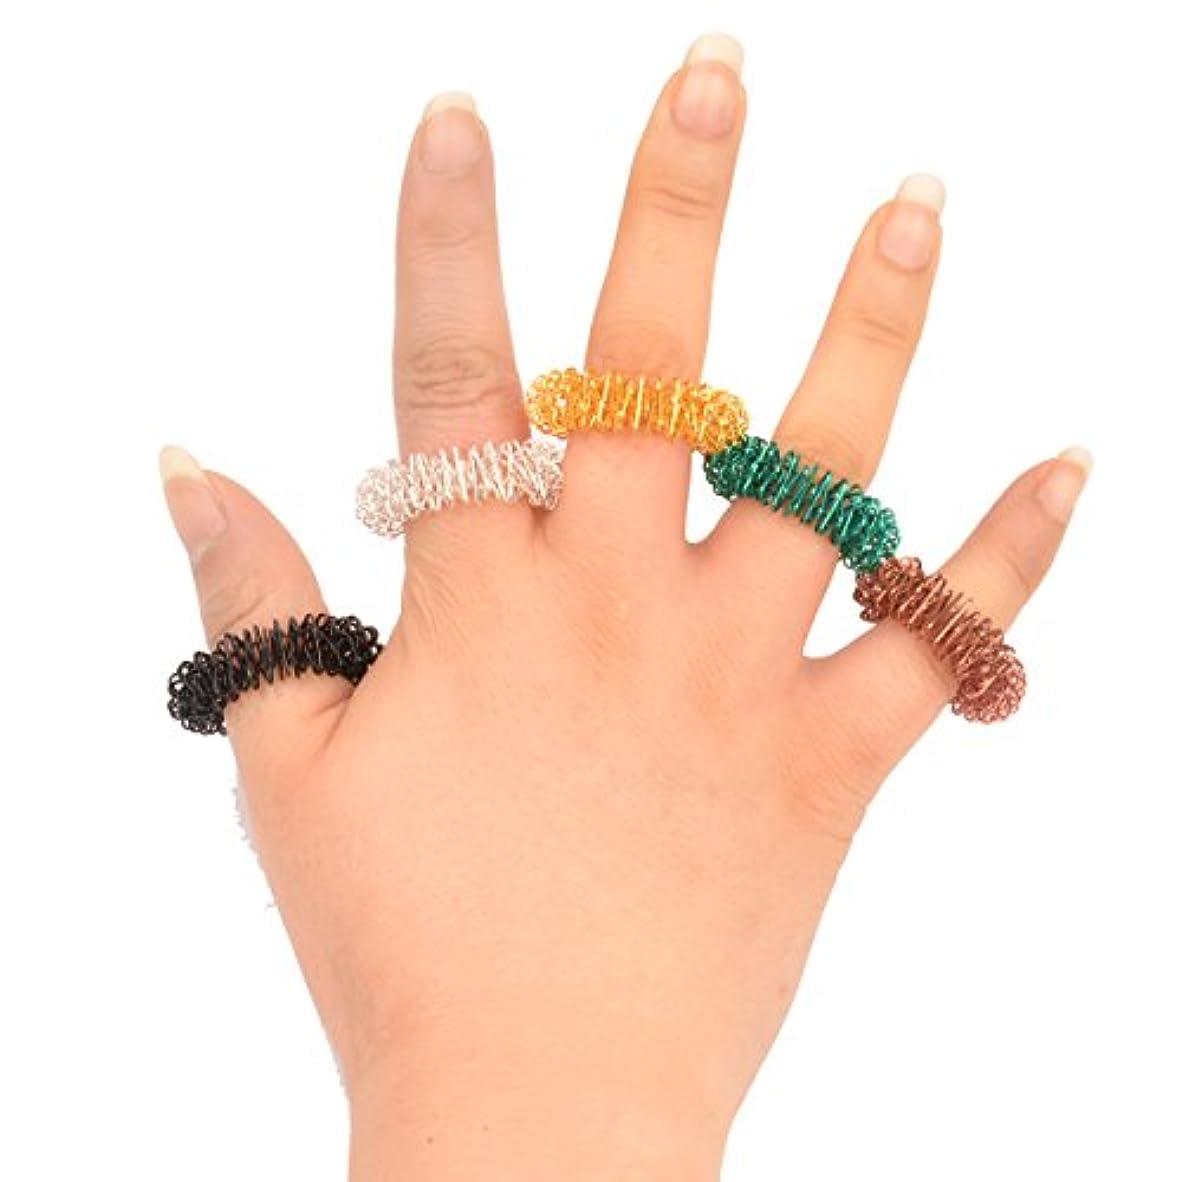 描写治安判事ファントム(Ckeyin) マッサージリング 5個入り 爪もみリング 色はランダムによって配送されます (5個)